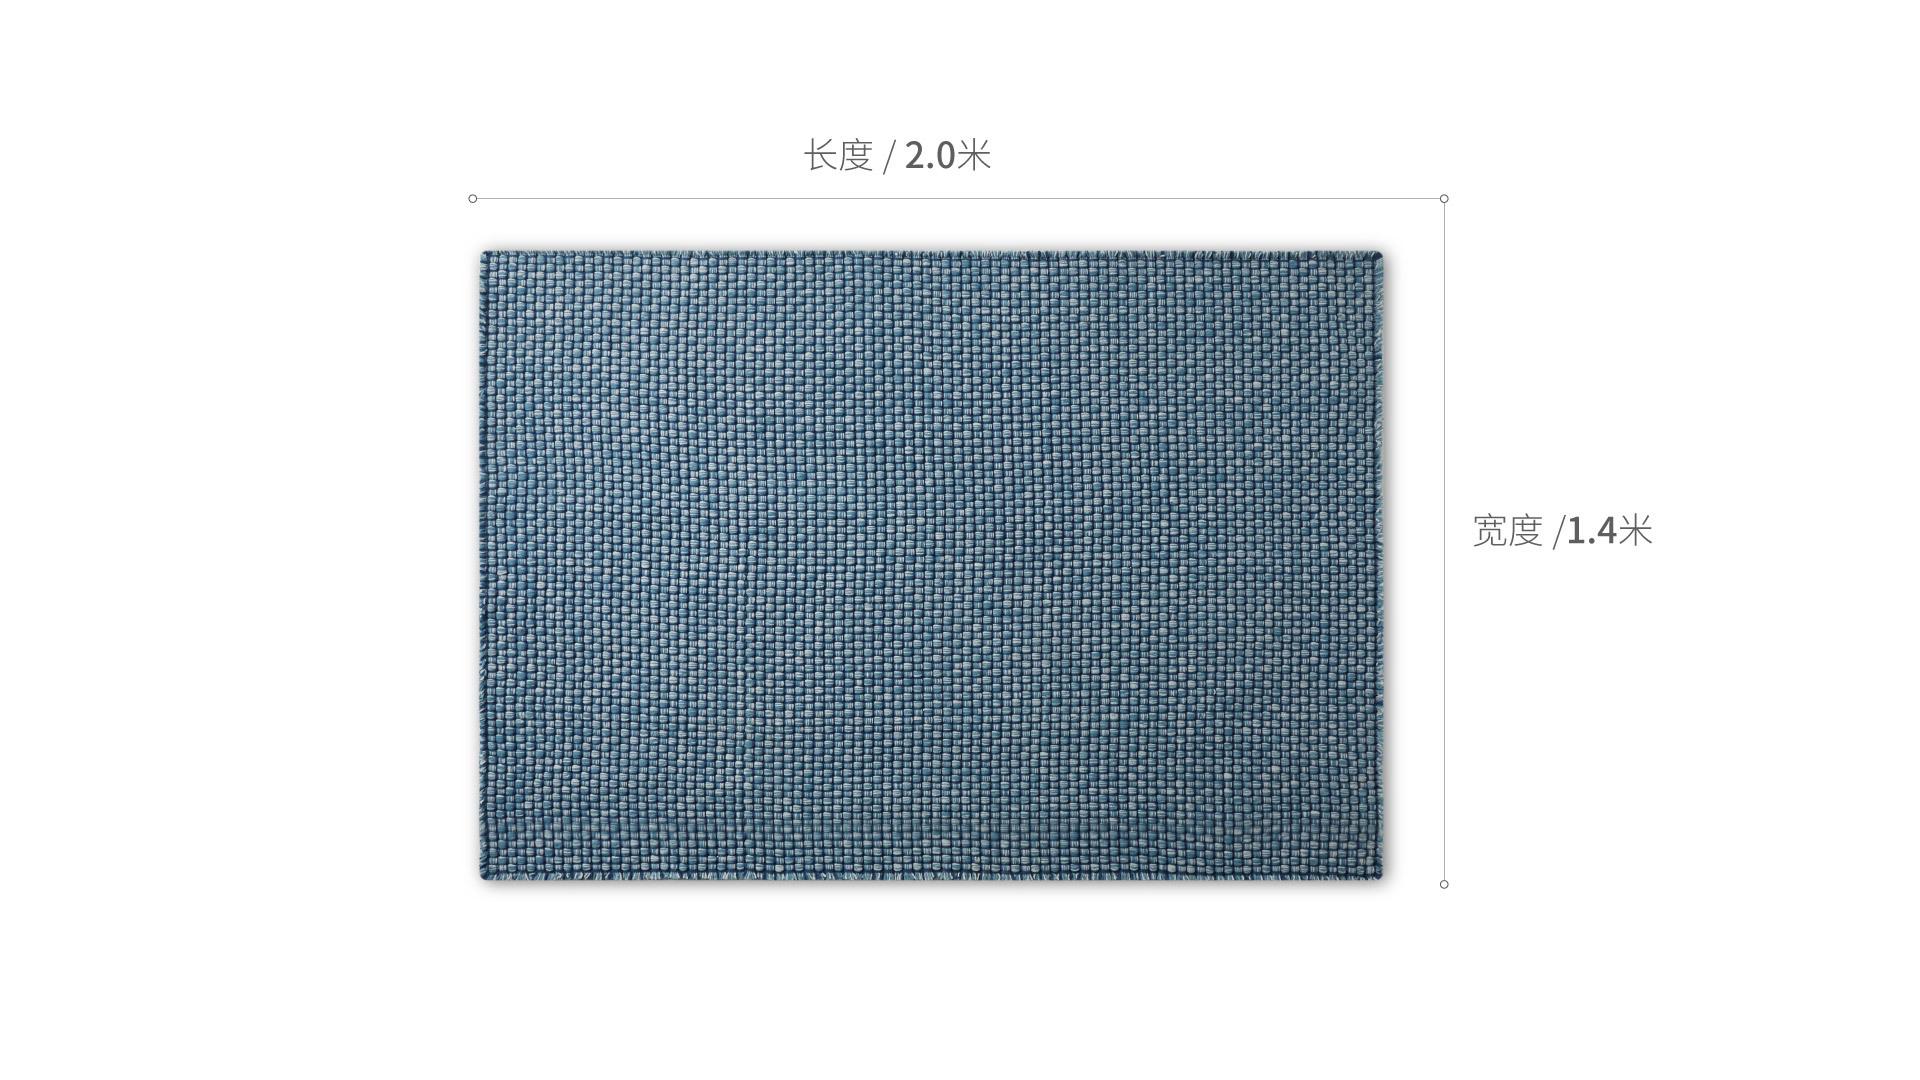 酥糖梭织地毯大号家纺效果图